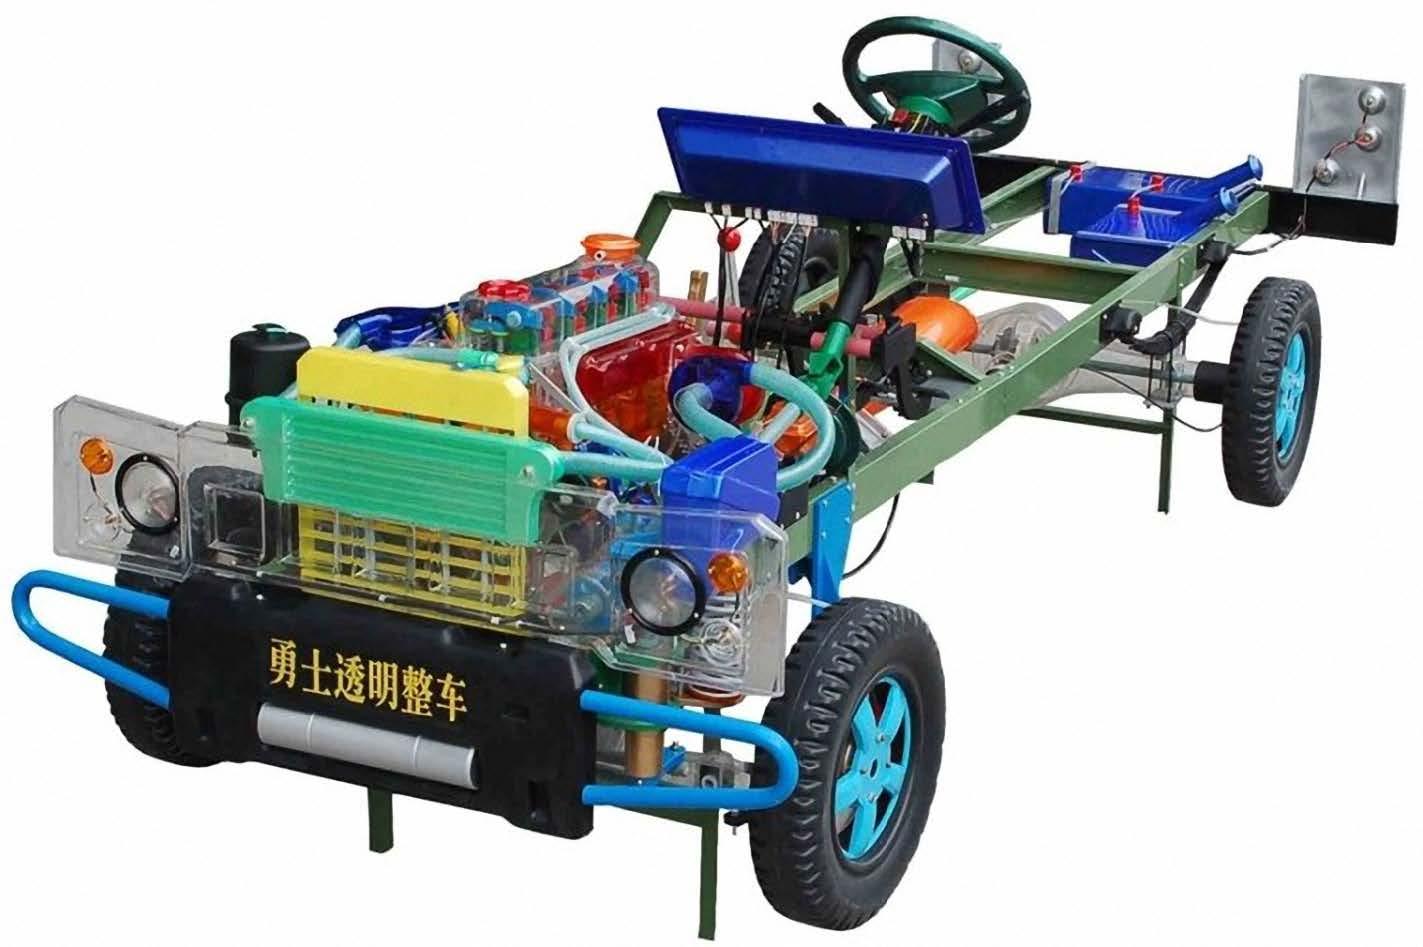 二、通用型整车透明教学模型结构和特点: 本品选用透明有机玻璃制作,内中部件均以上硬质塑料加工,利用螺丝固定在金属高温烘漆而成的车架上。各总成都以压模成形加工,代替过去用胶水粘合的办法,使本品在牢固度上有很大的提高。发动机总成,以电力驱动,油门设有调速装置,能演示发动机转速的高低。离合器分离明显,操纵灵活,离合器外壳整体压模而成,变速器的各档齿轮用各种颜色表示,操纵自如,其中主减速,差速,转动灵活,车轮对开压铸,刻有防滑槽纹,看上去美观大方。转向装置以及电瓶、油箱、水箱,做工精细、富有光泽。制动管路分布清楚